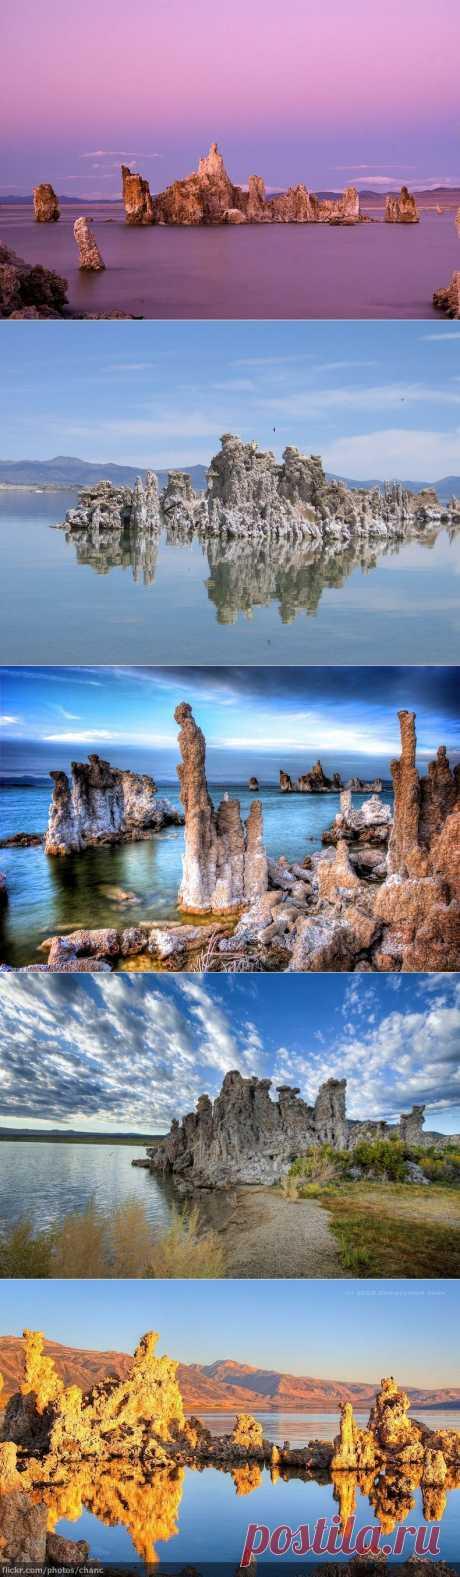 Волшебные башни озера Моно :  НОВОСТИ В ФОТОГРАФИЯХ